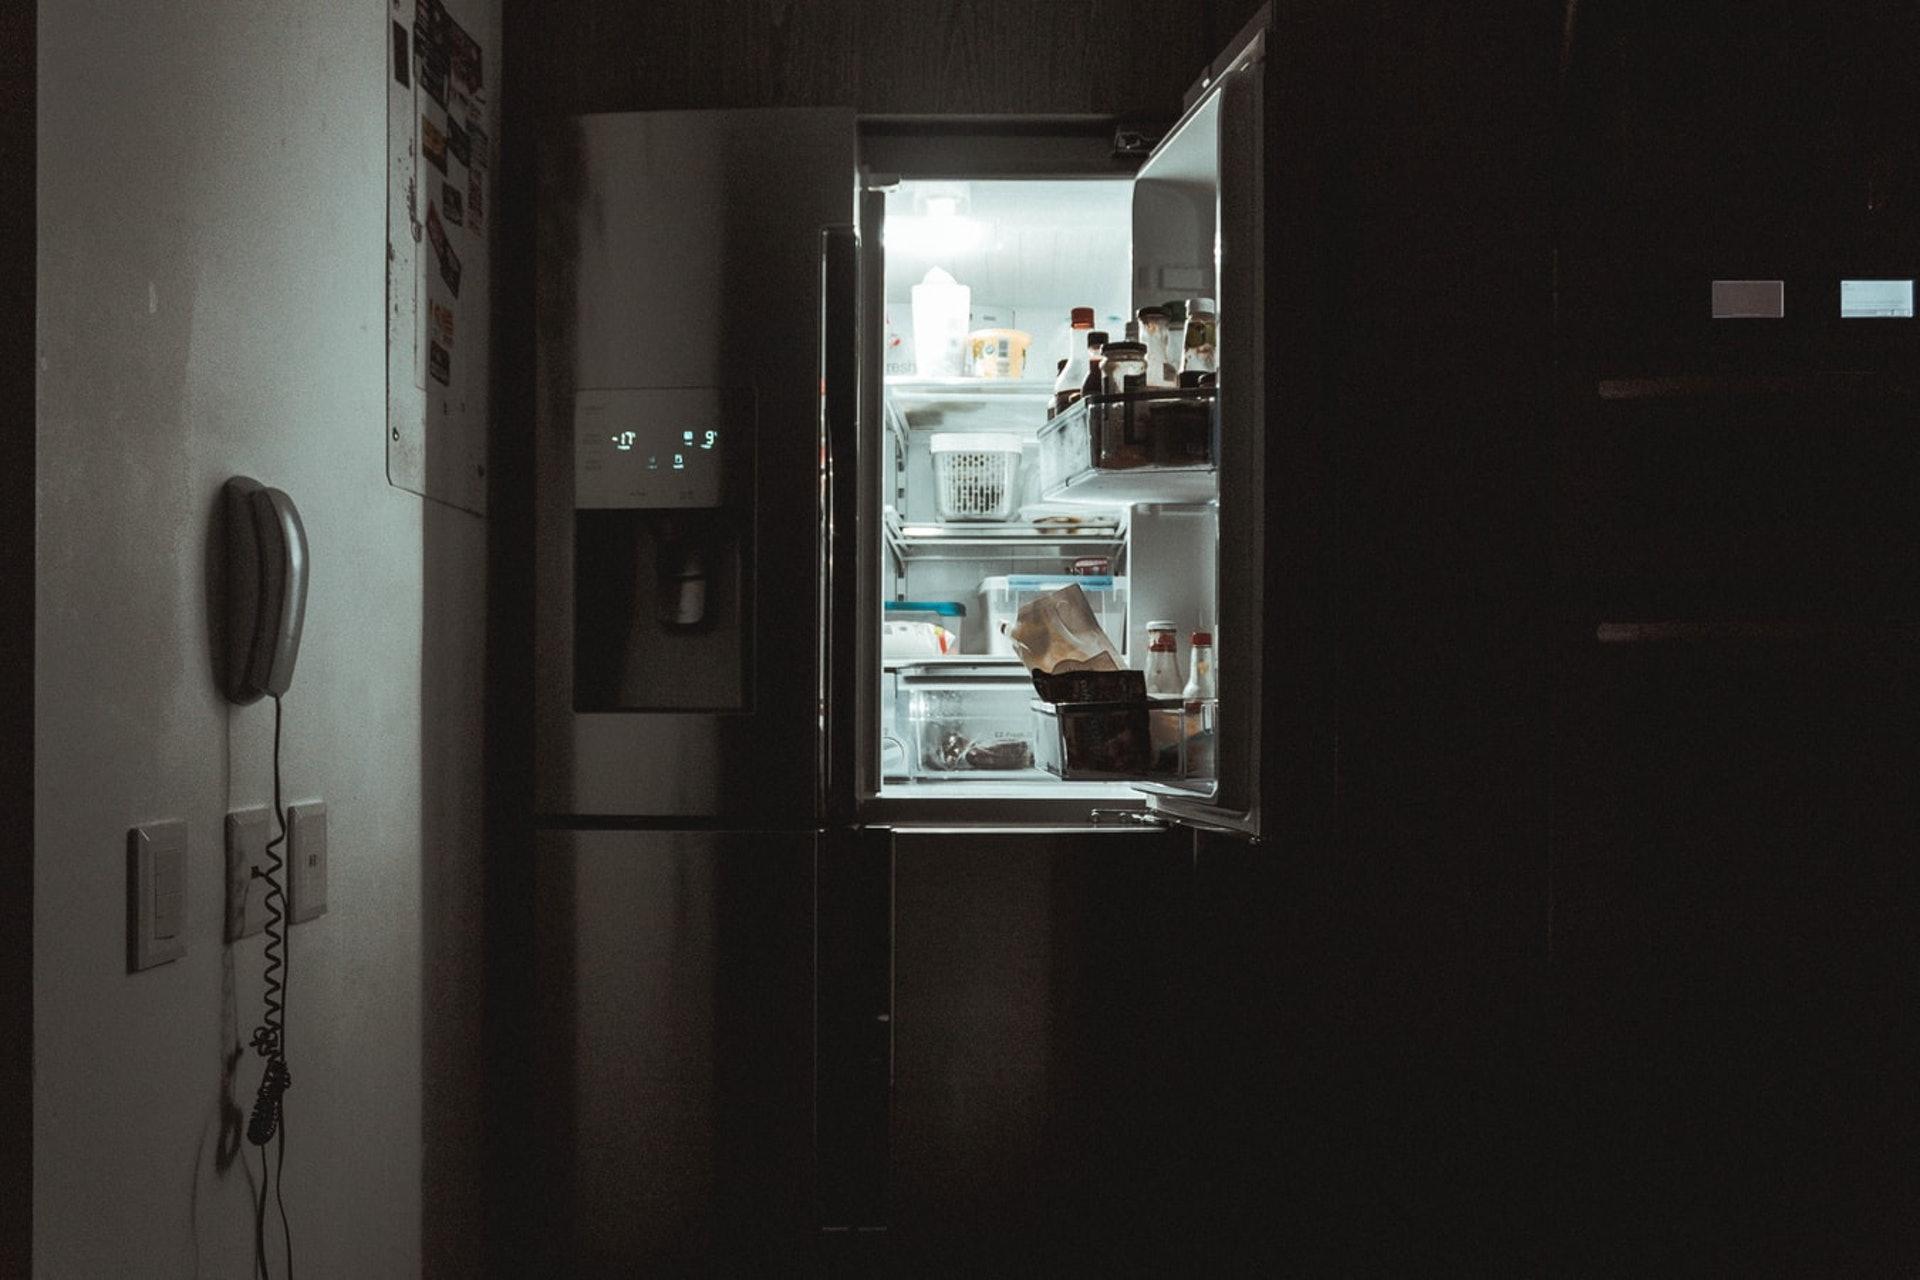 在購買食物前應先弄清楚保存方式。(nrd/unsplash)